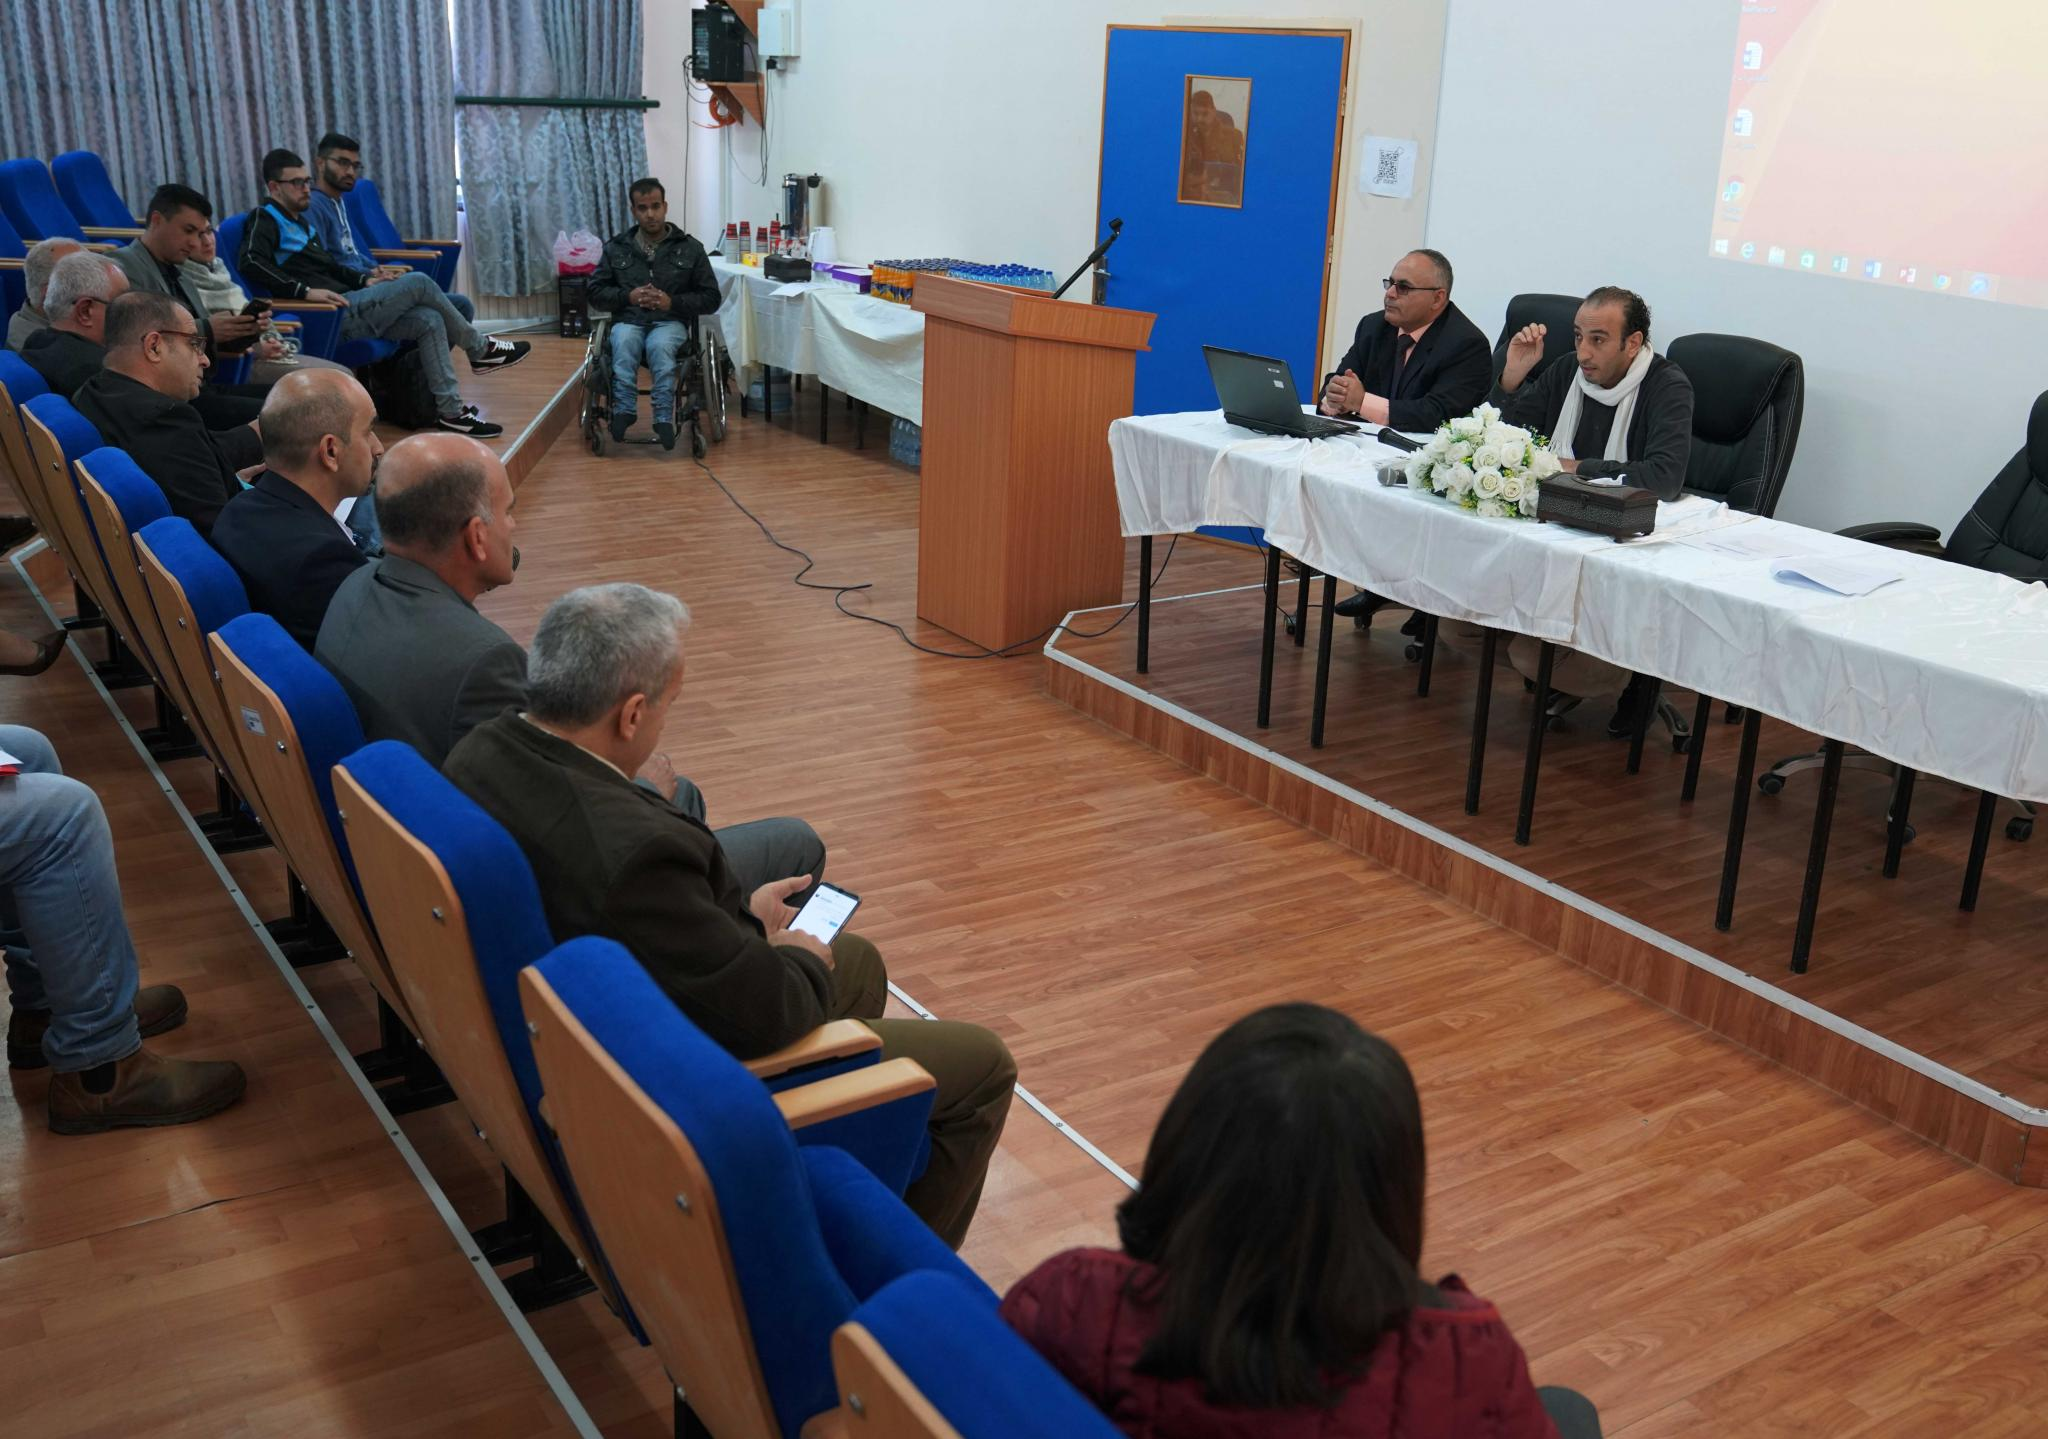 المتحدثون خلال ورشة التعليم المستمر في الجامعات الفلسطينية واقع وطموح